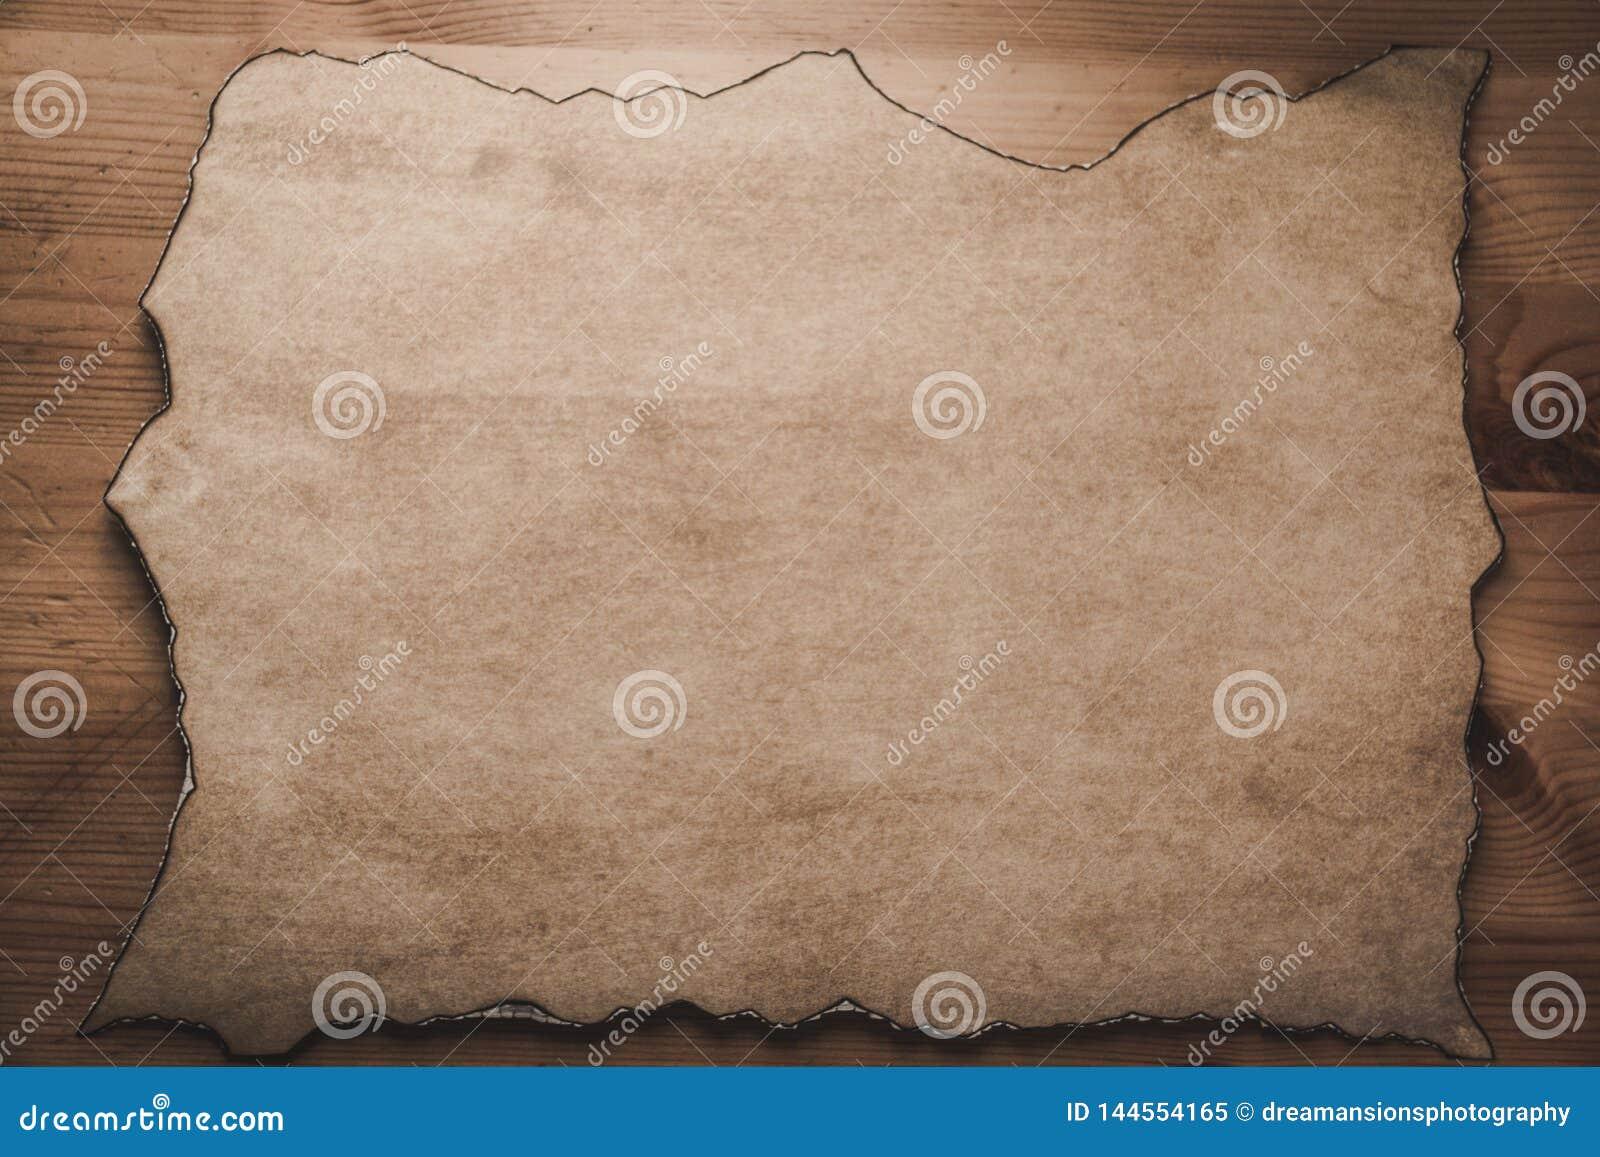 Pergament zoals document met gebrande randen op houten plaatwijnoogst